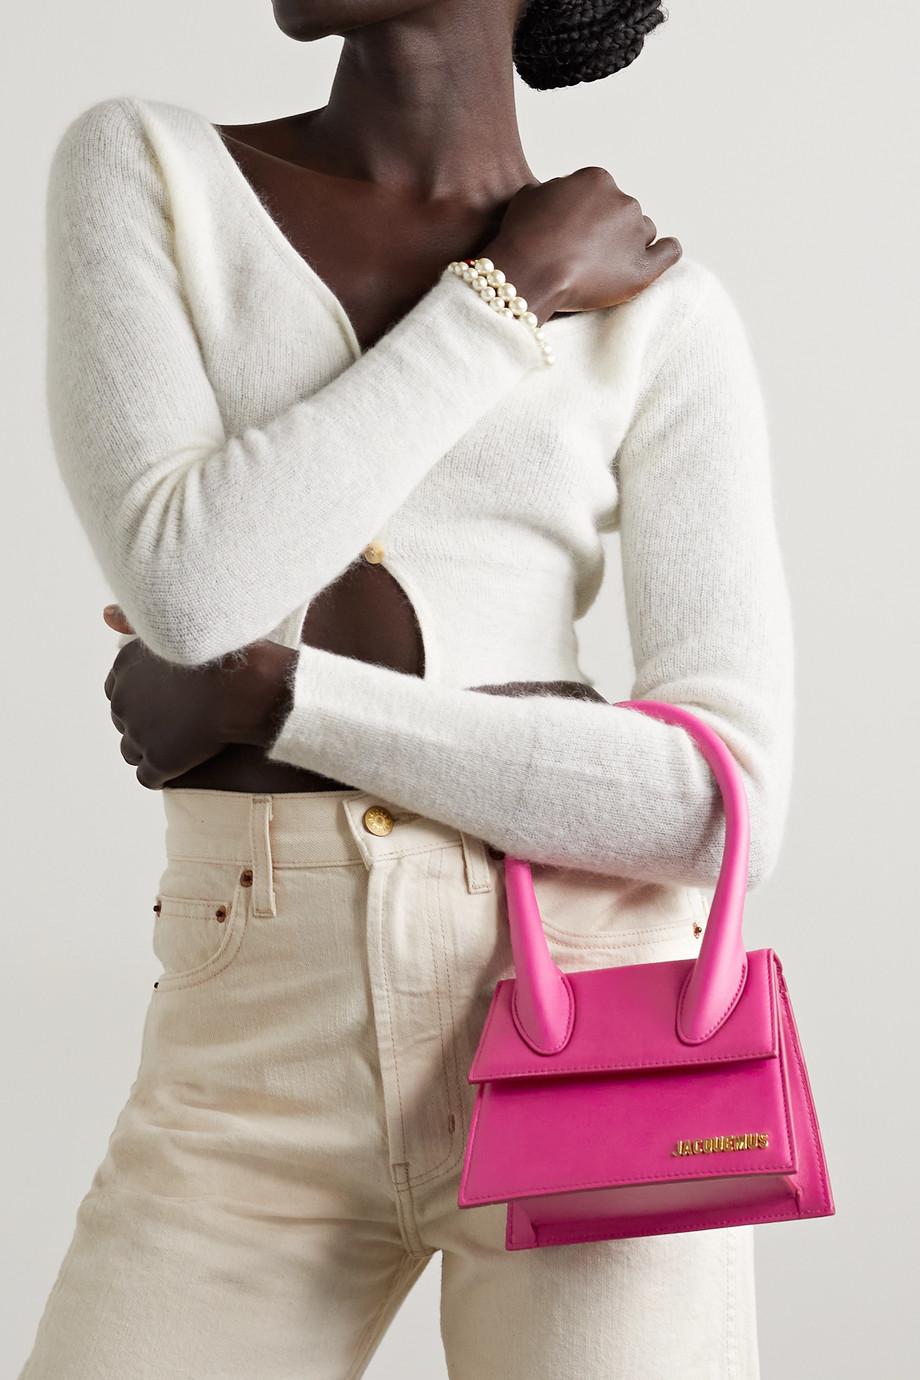 Jacquemus Le Chiquito Moyen leather shoulder bag